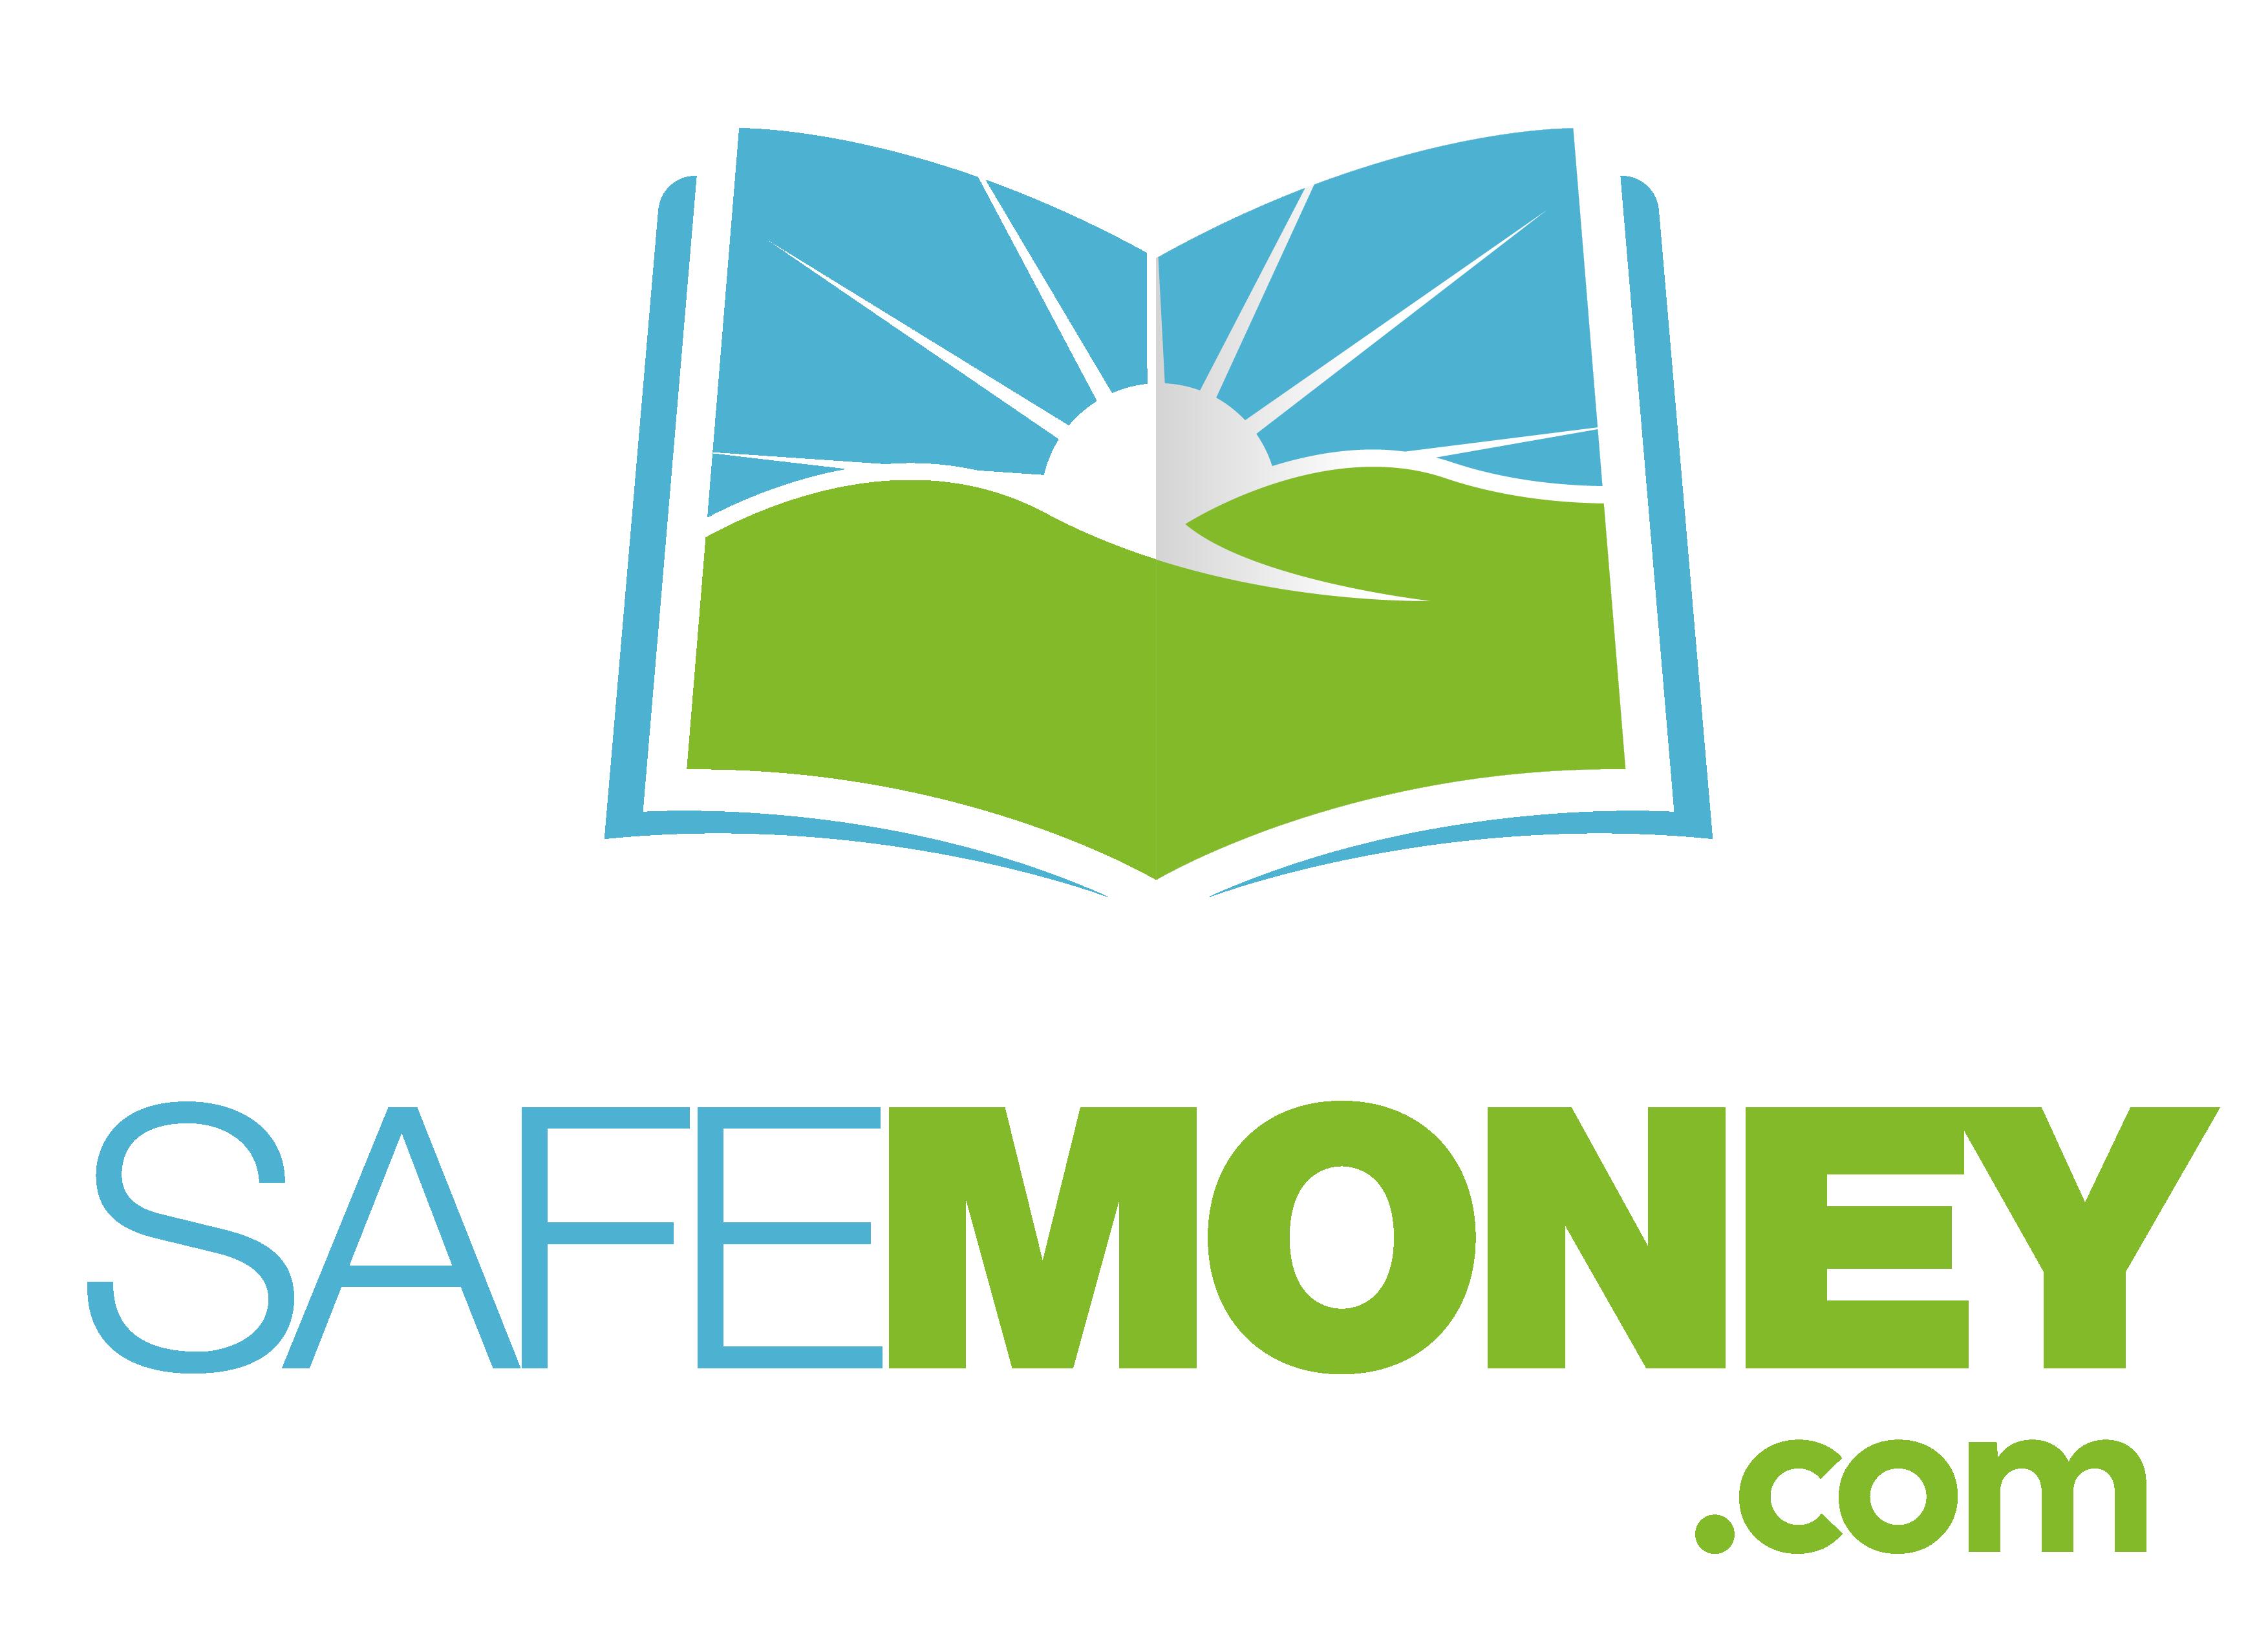 SafeMoney.com Logo